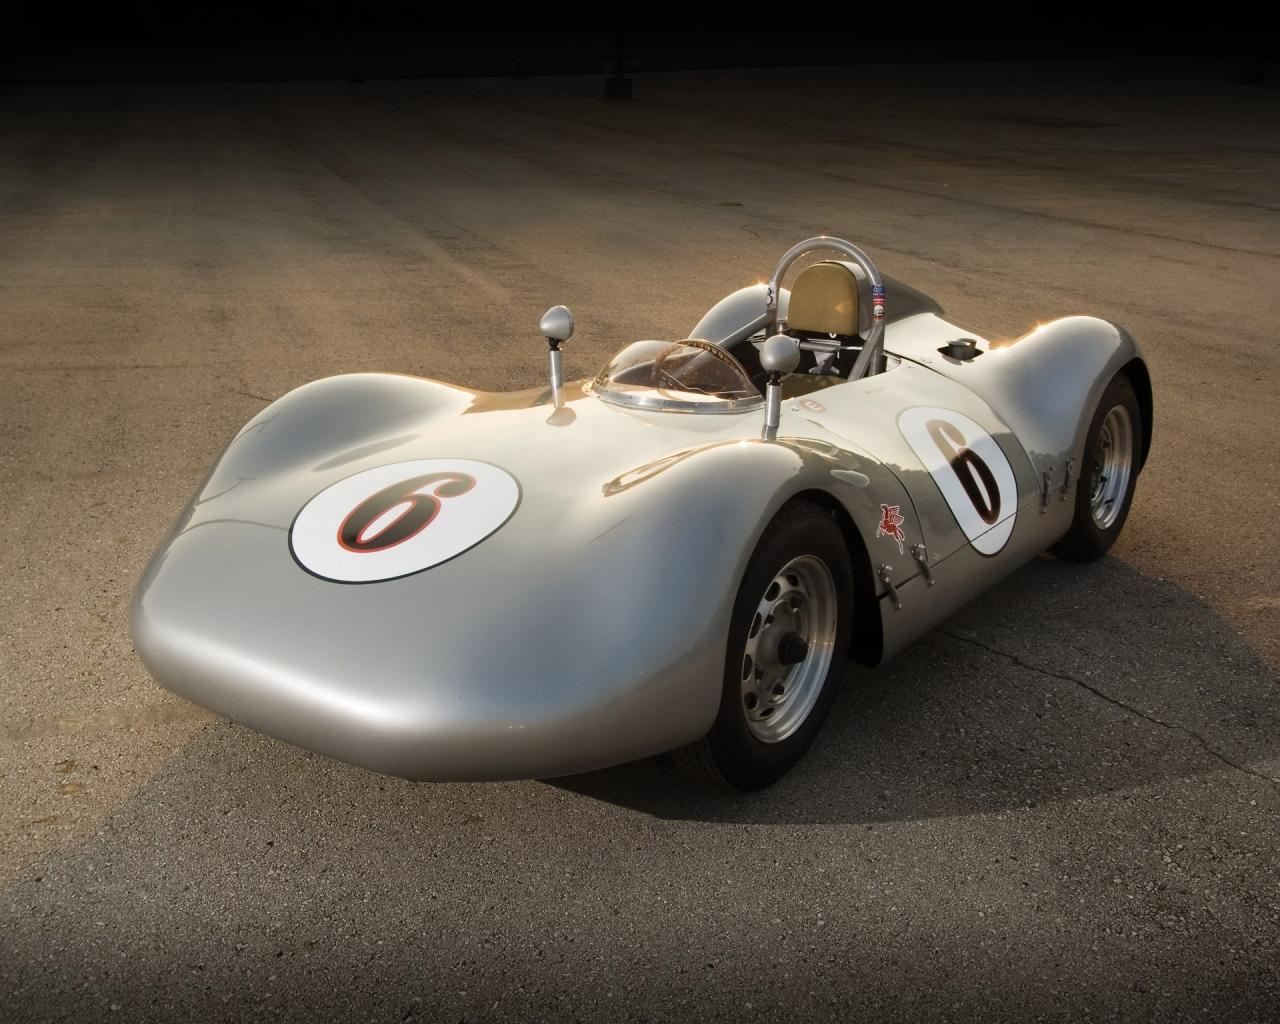 Porsche Pupulidy - 1280x1024